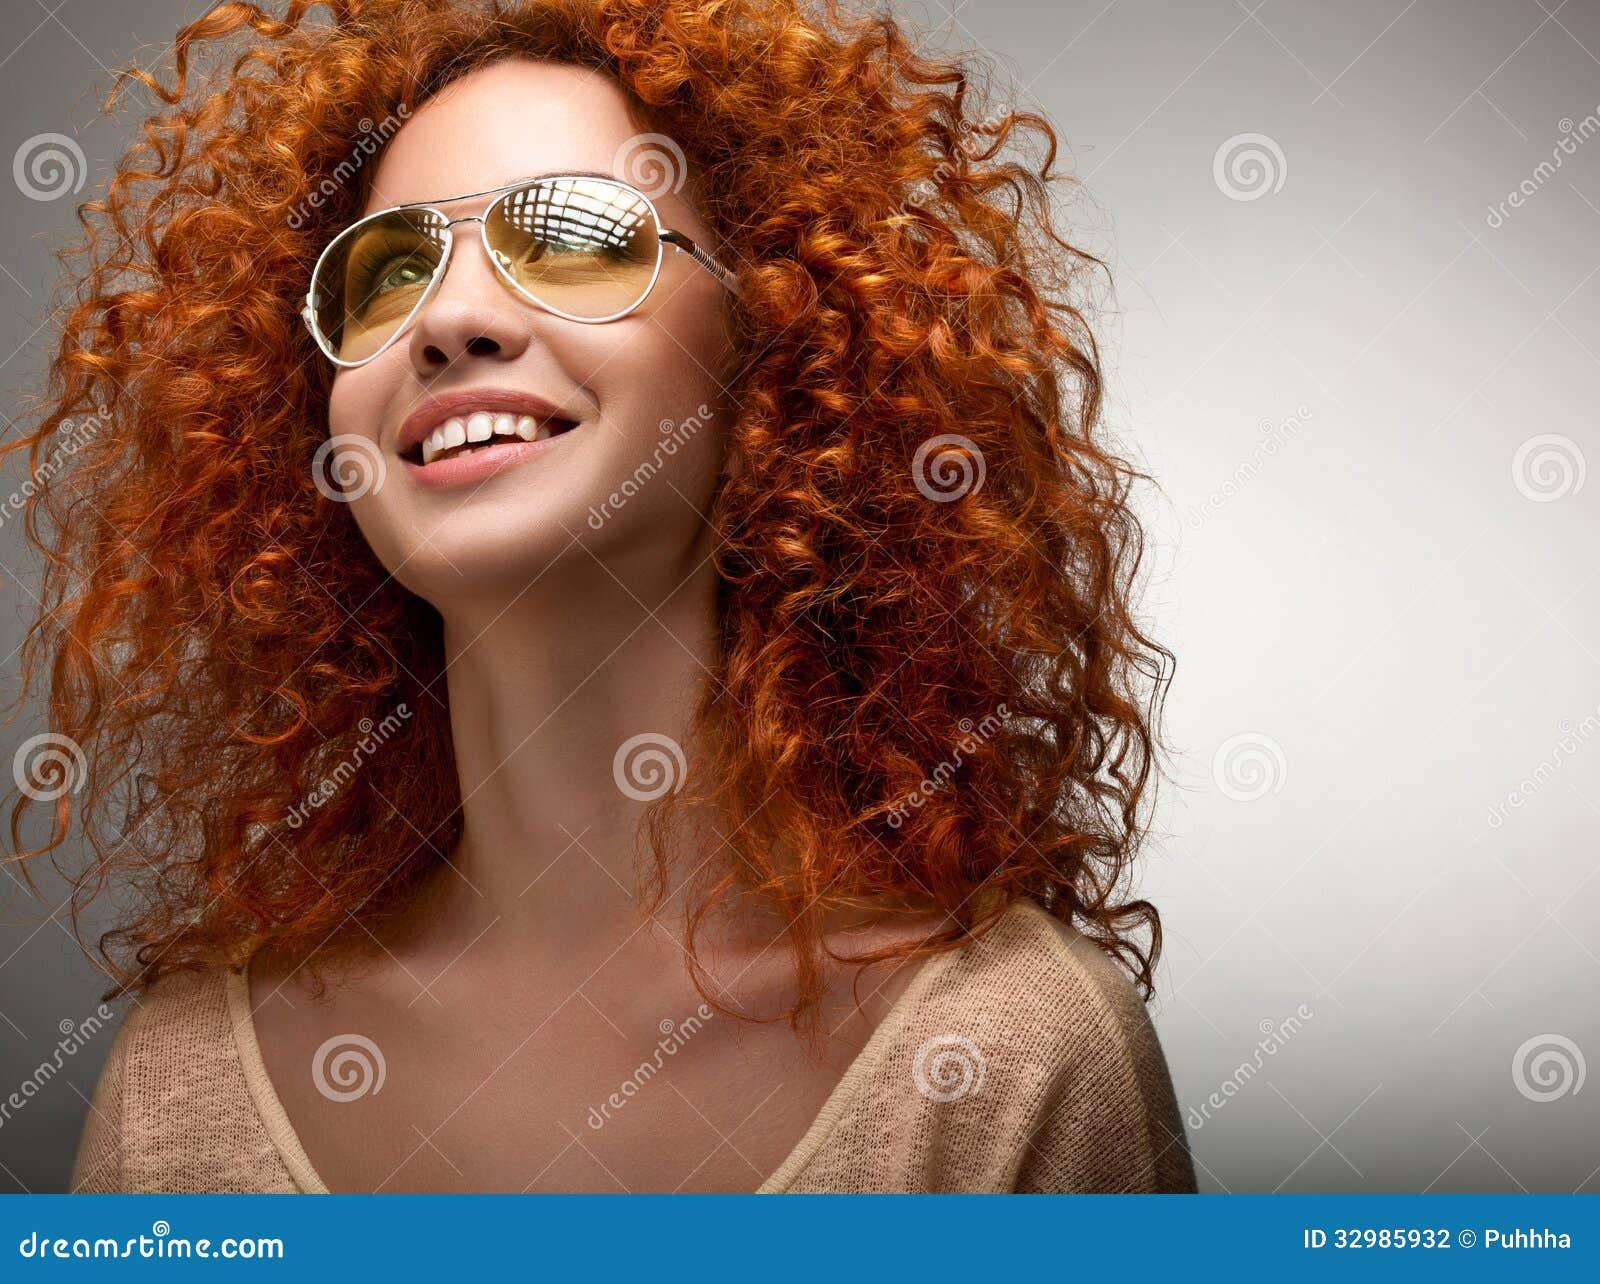 1600x1200 woman red hair - photo #24